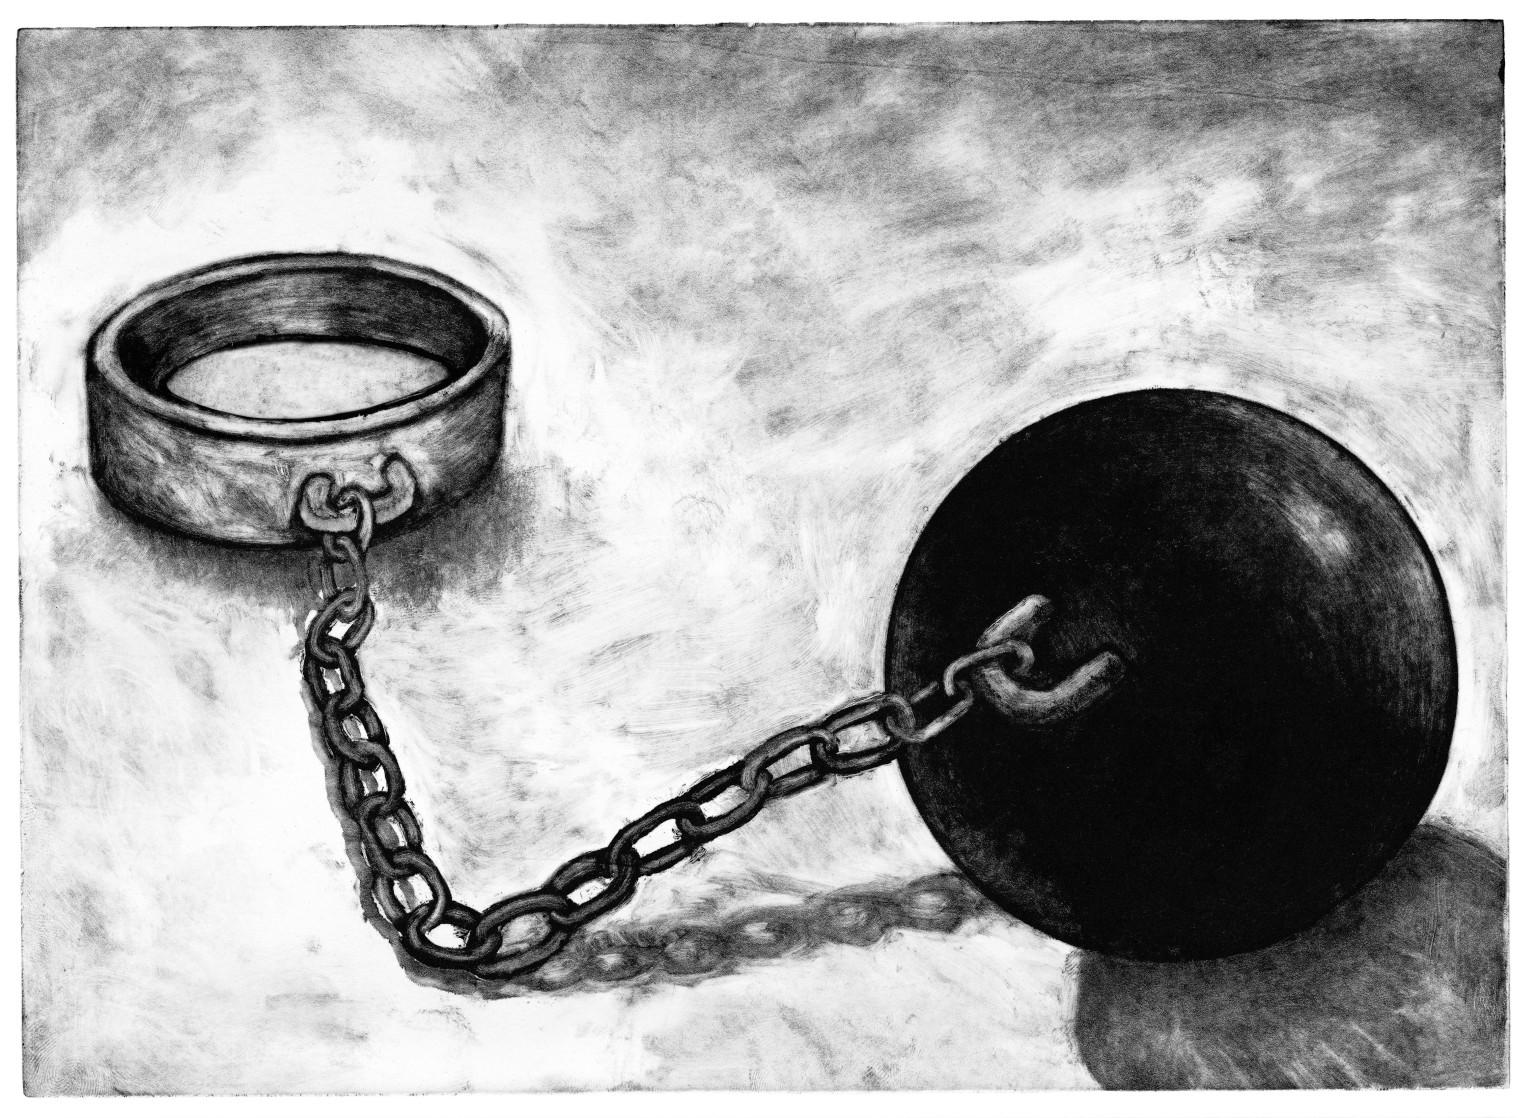 Οι σκλάβοι της ειρήνης